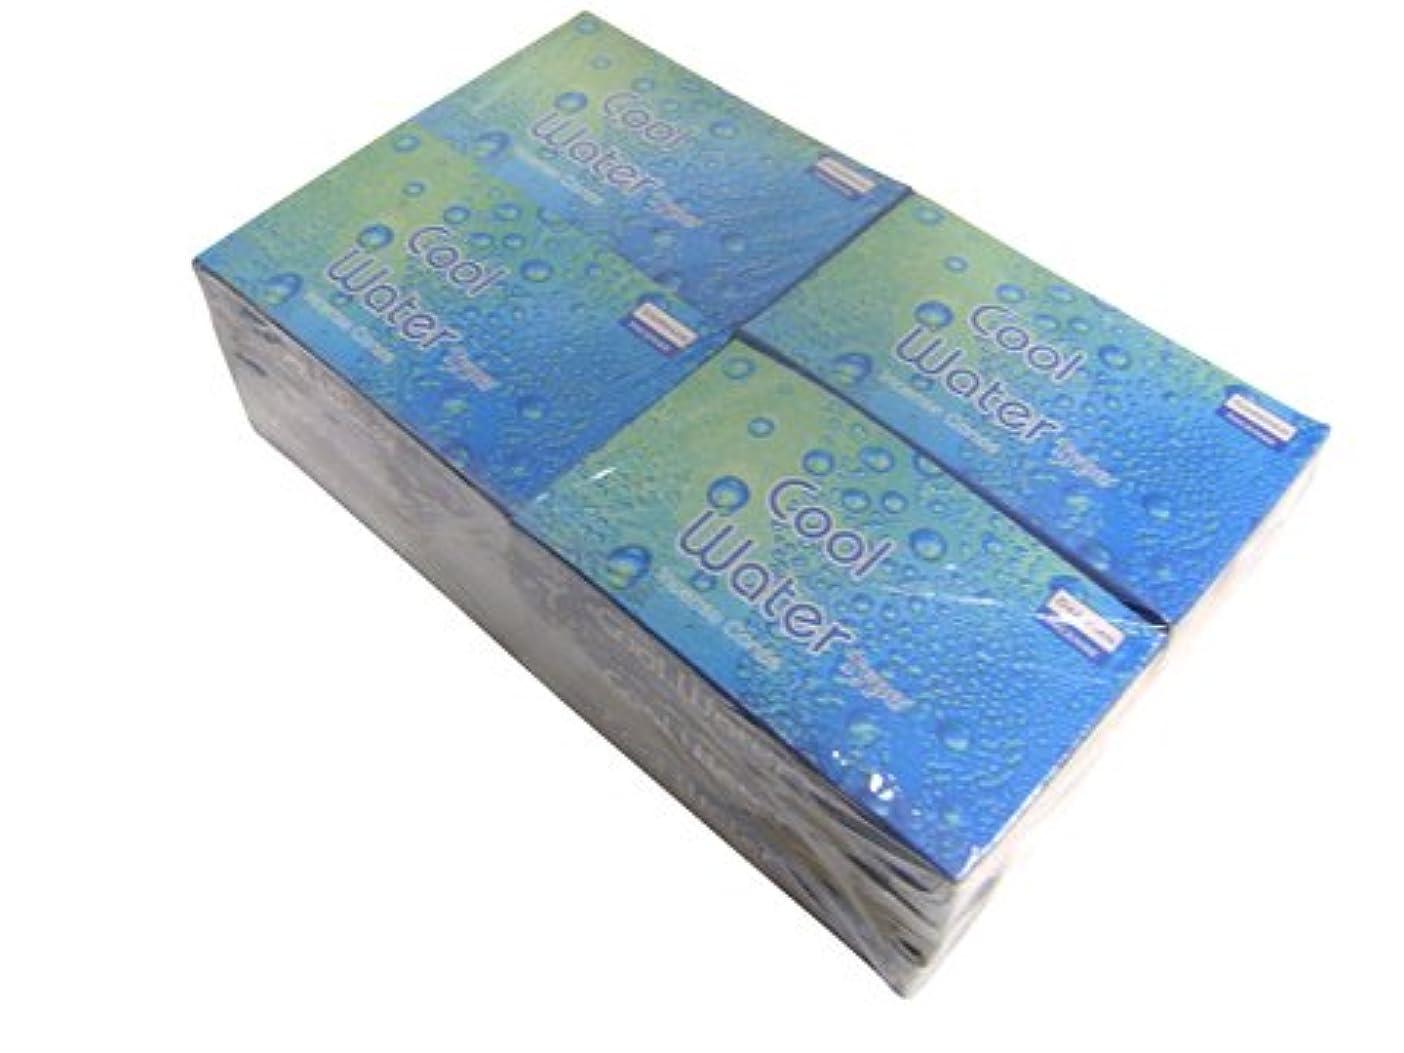 フォーマル受ける進化するDARSHAN(ダルシャン) クールウォーター香 コーンタイプ COOL WATER CORN 12箱セット